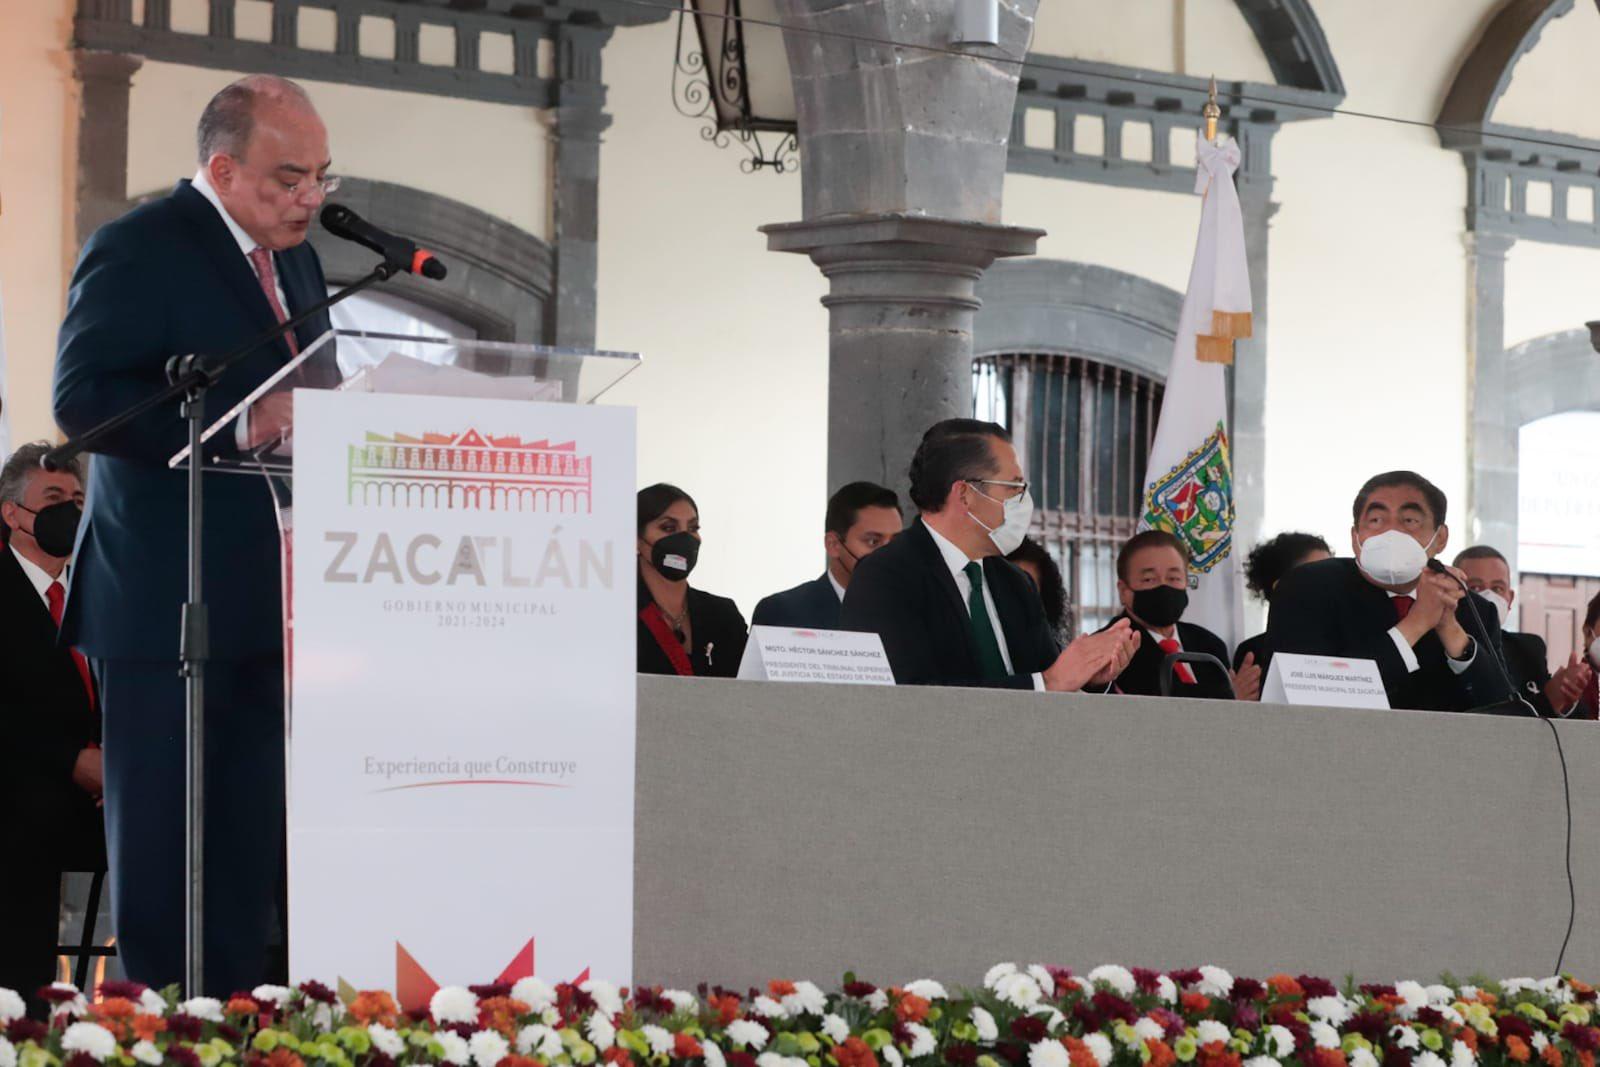 El gobernador Miguel Barbosa Huerta acompañó en su toma de protesta a José Luis Márquez como nuevo alcalde  de Zacatlán